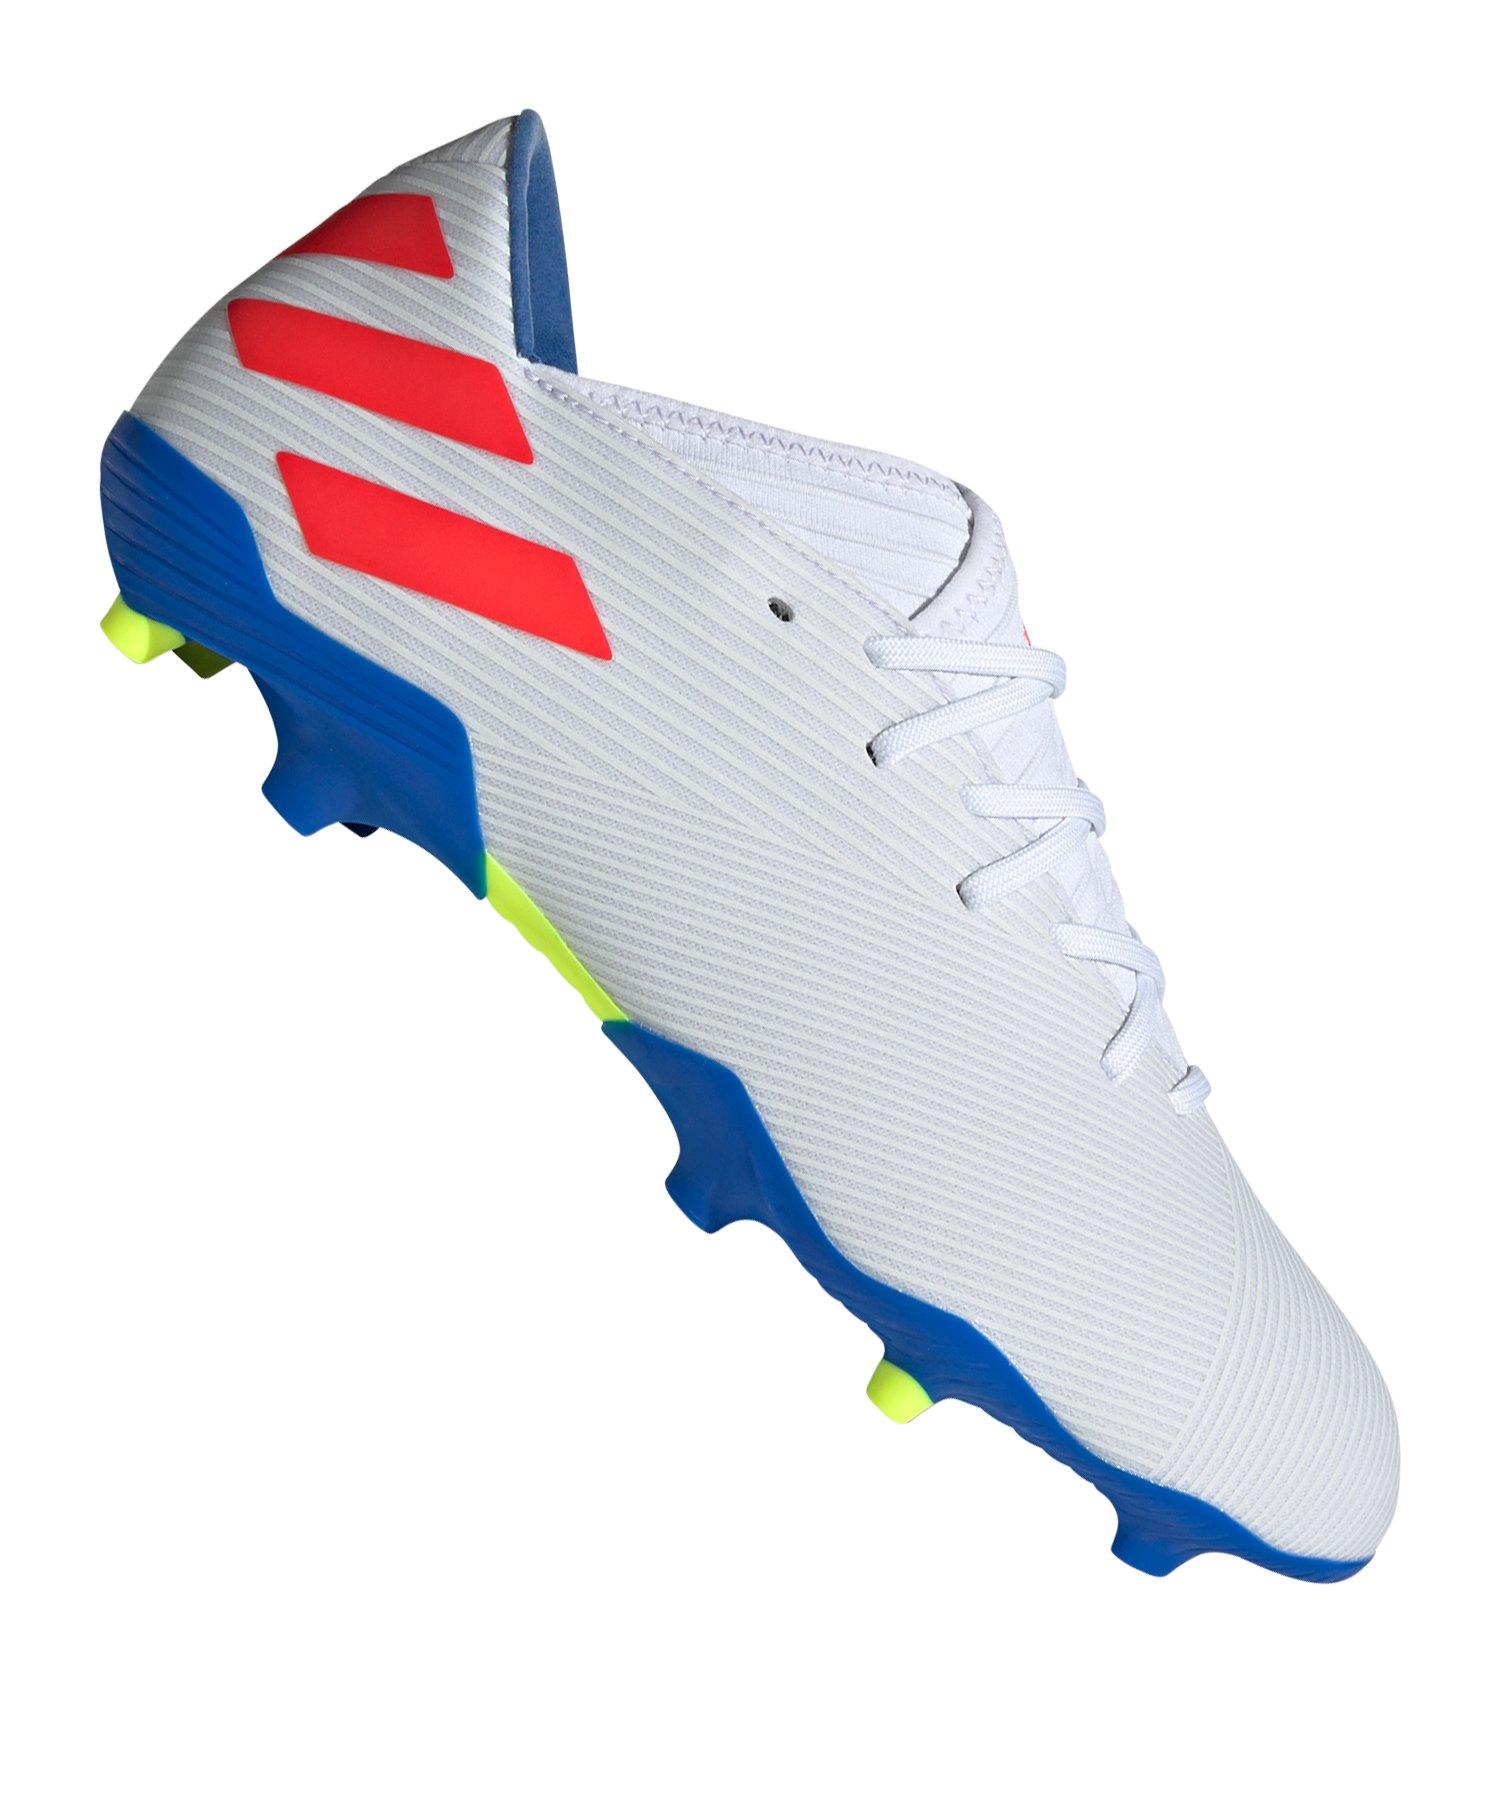 adidas NEMEZIZ Messi 19.3 FG Weiss Blau - Weiss